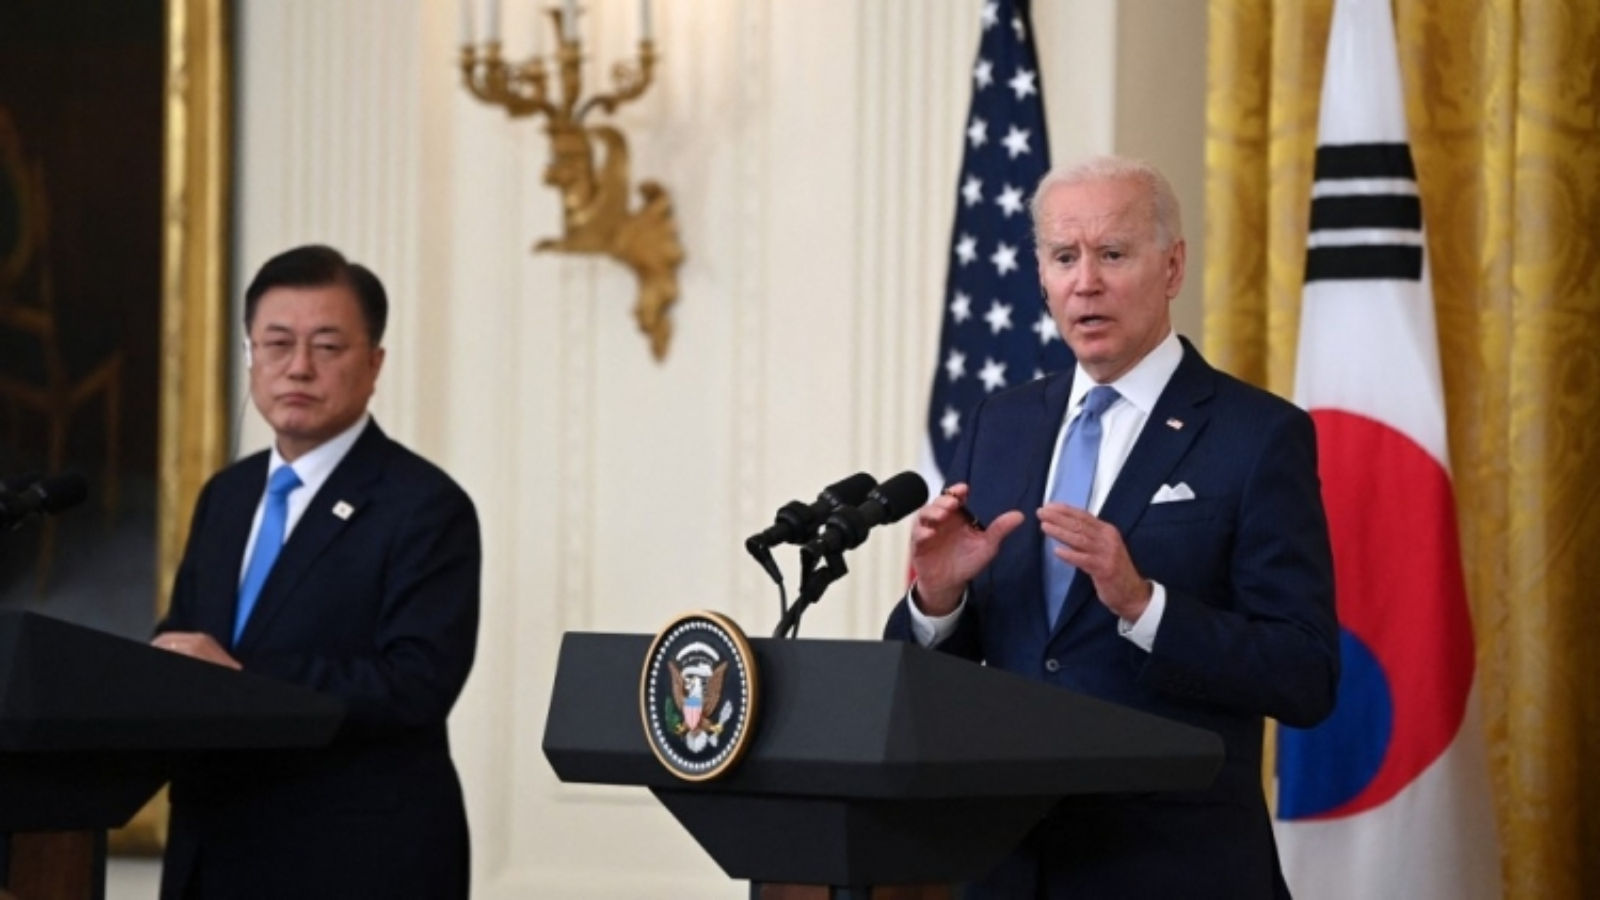 Thượng đỉnh Mỹ - Hàn tạo nền tảng nối lại đối thoại với Triều Tiên